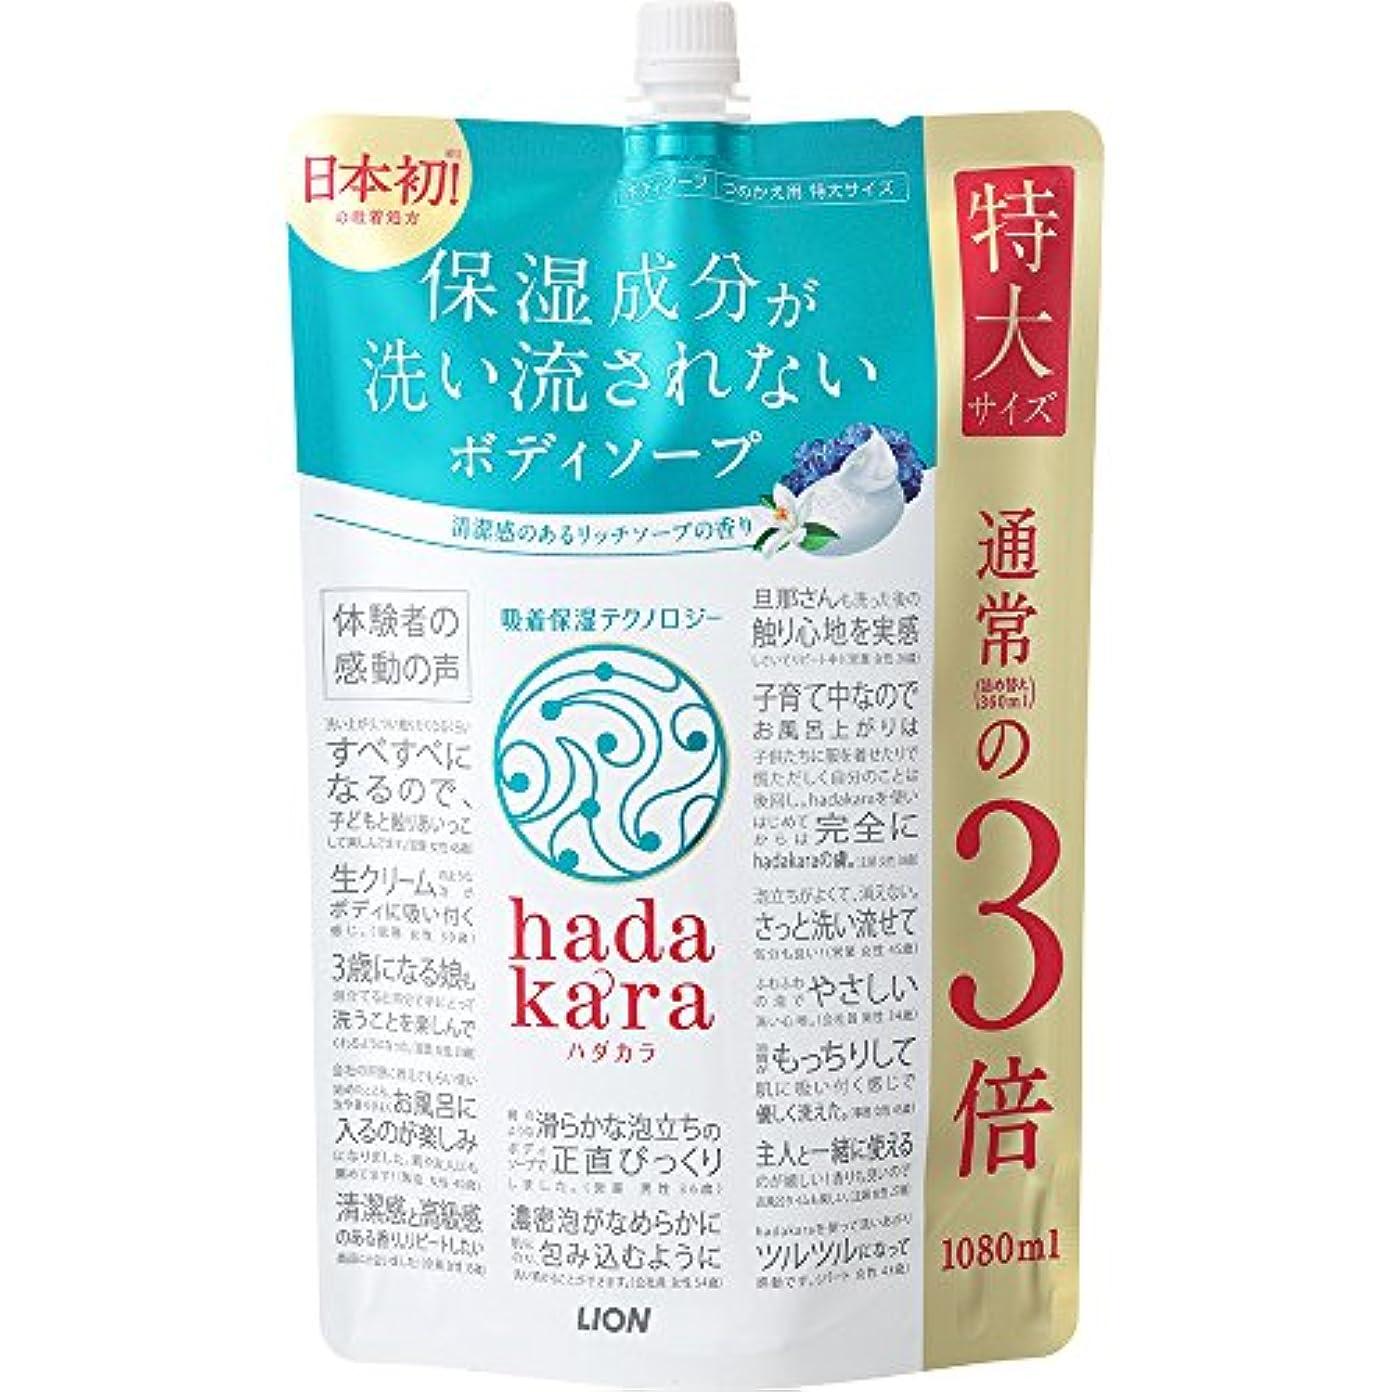 爵忠実なロデオ【大容量】hadakara(ハダカラ) ボディソープ リッチソープの香り 詰め替え 特大 1080ml